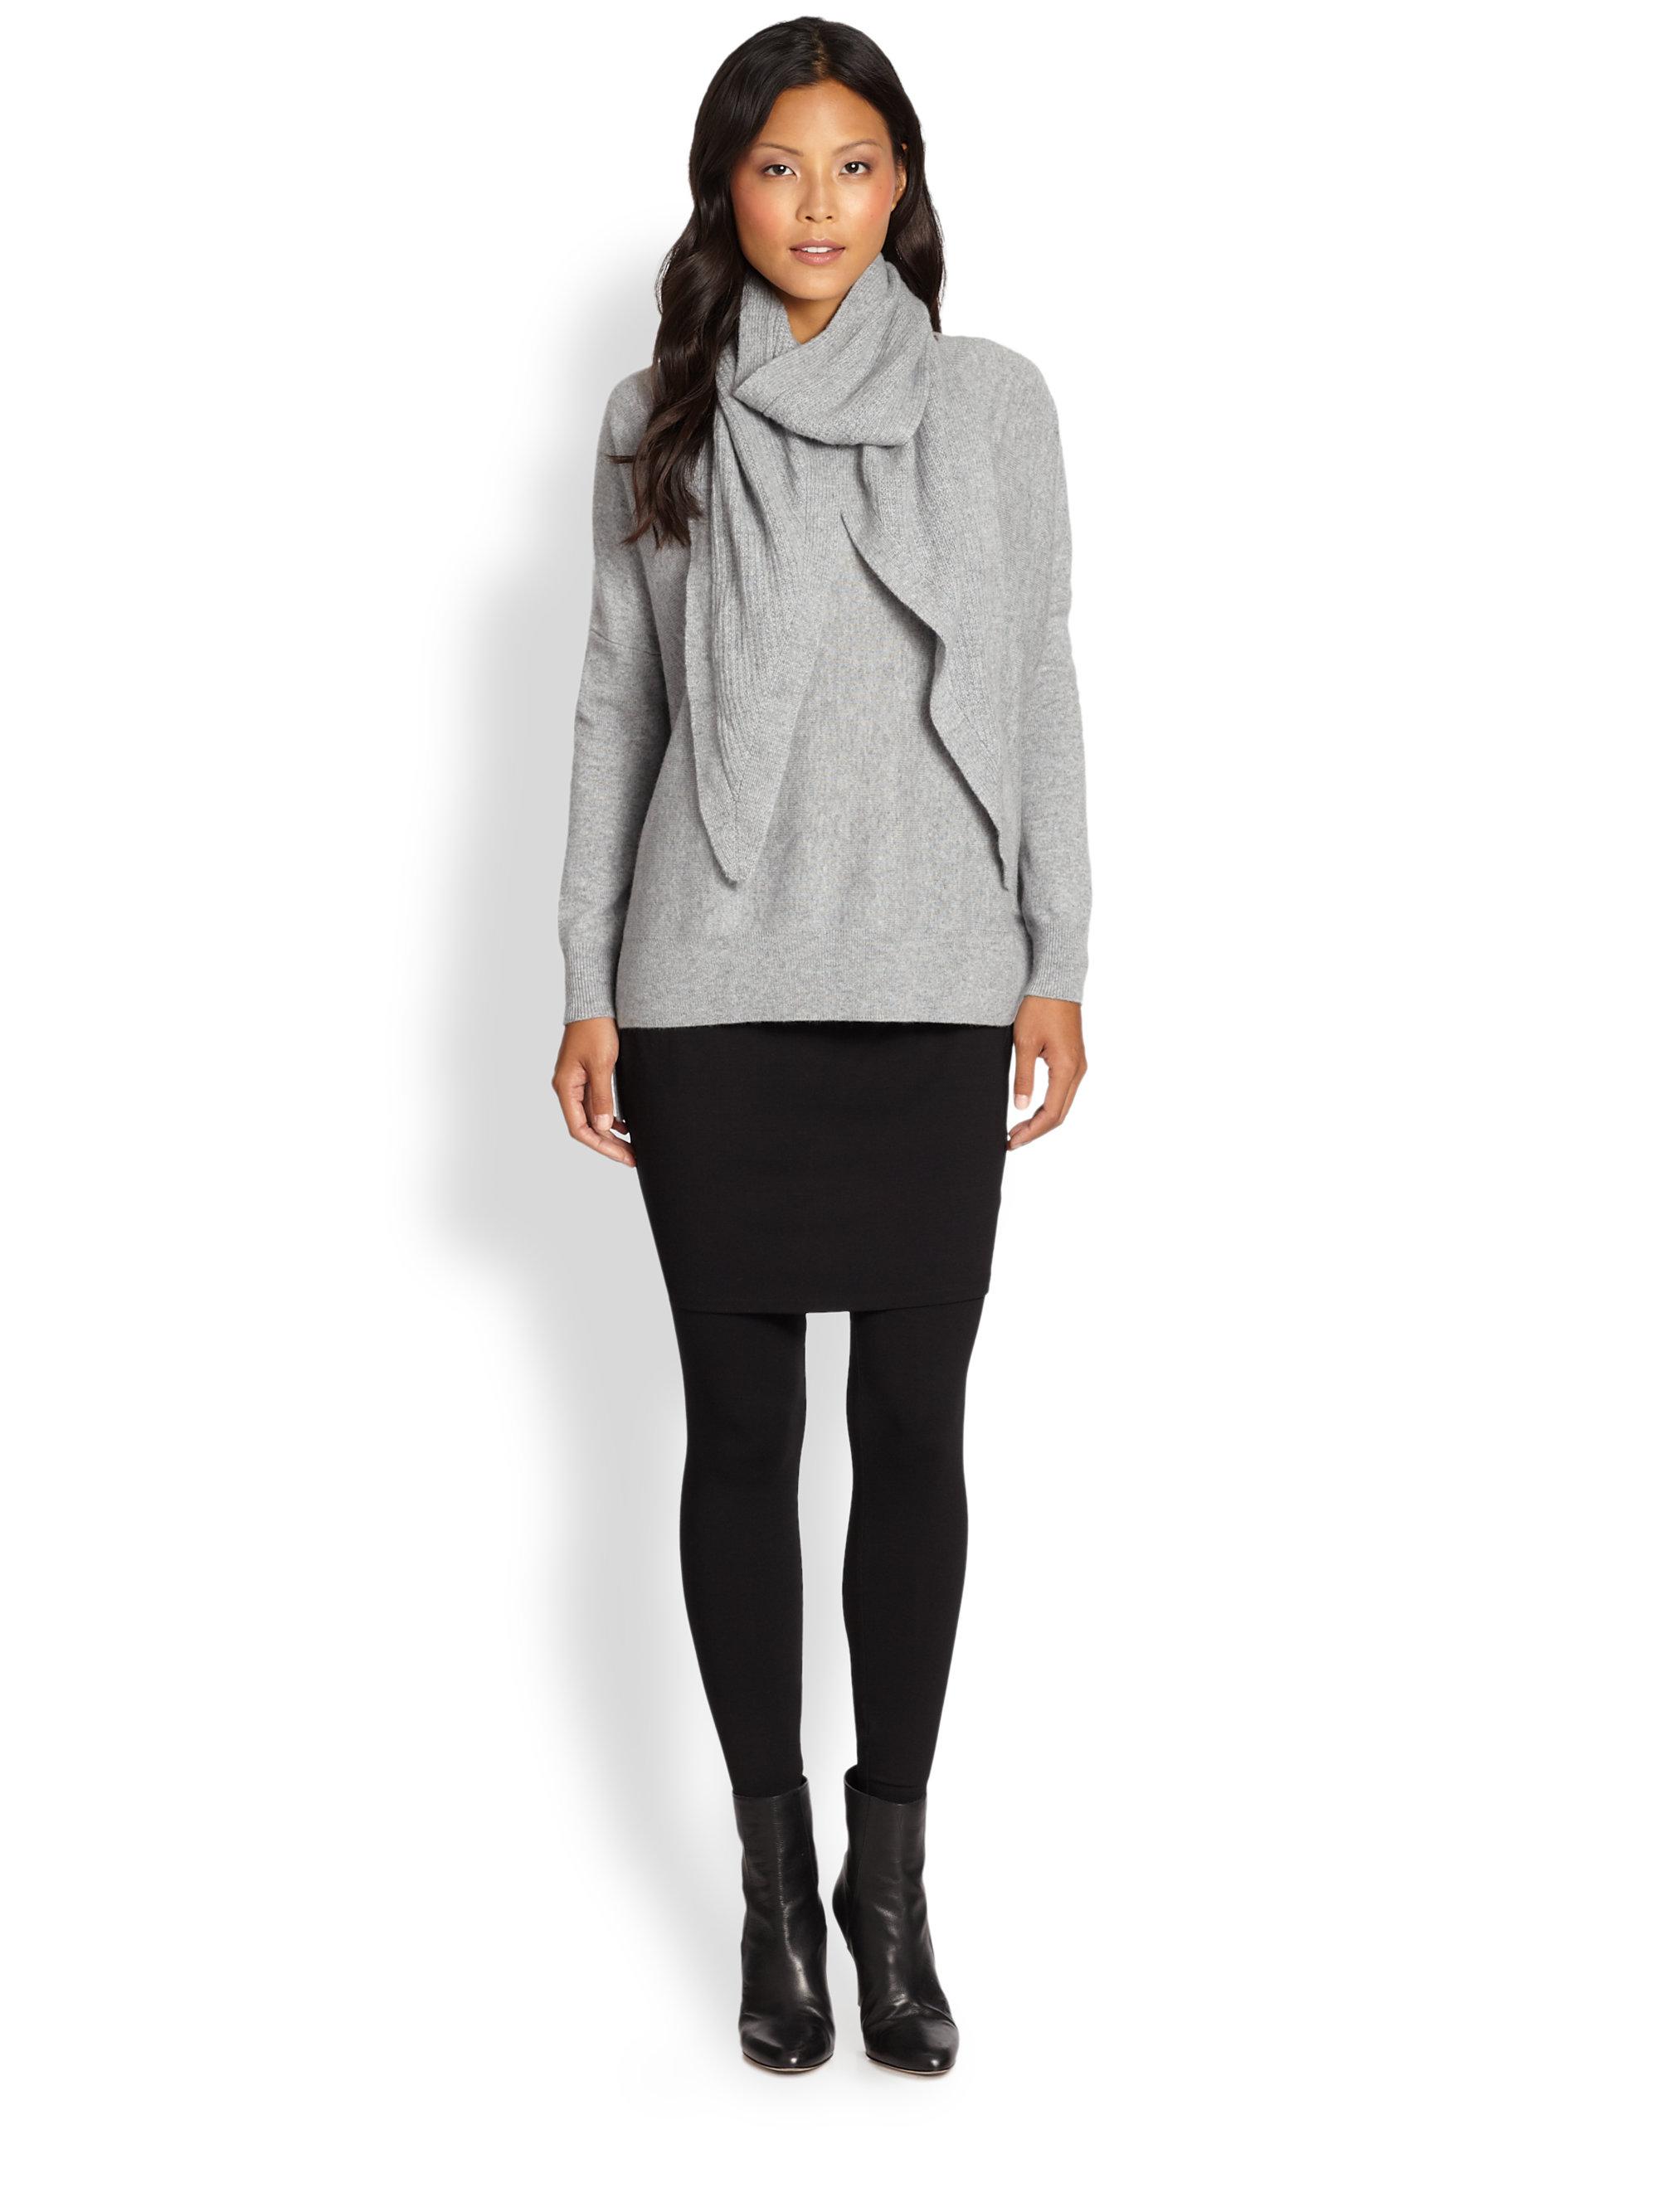 c83ebf86424dcb Eileen Fisher Jersey Skirt Leggings in Black - Lyst